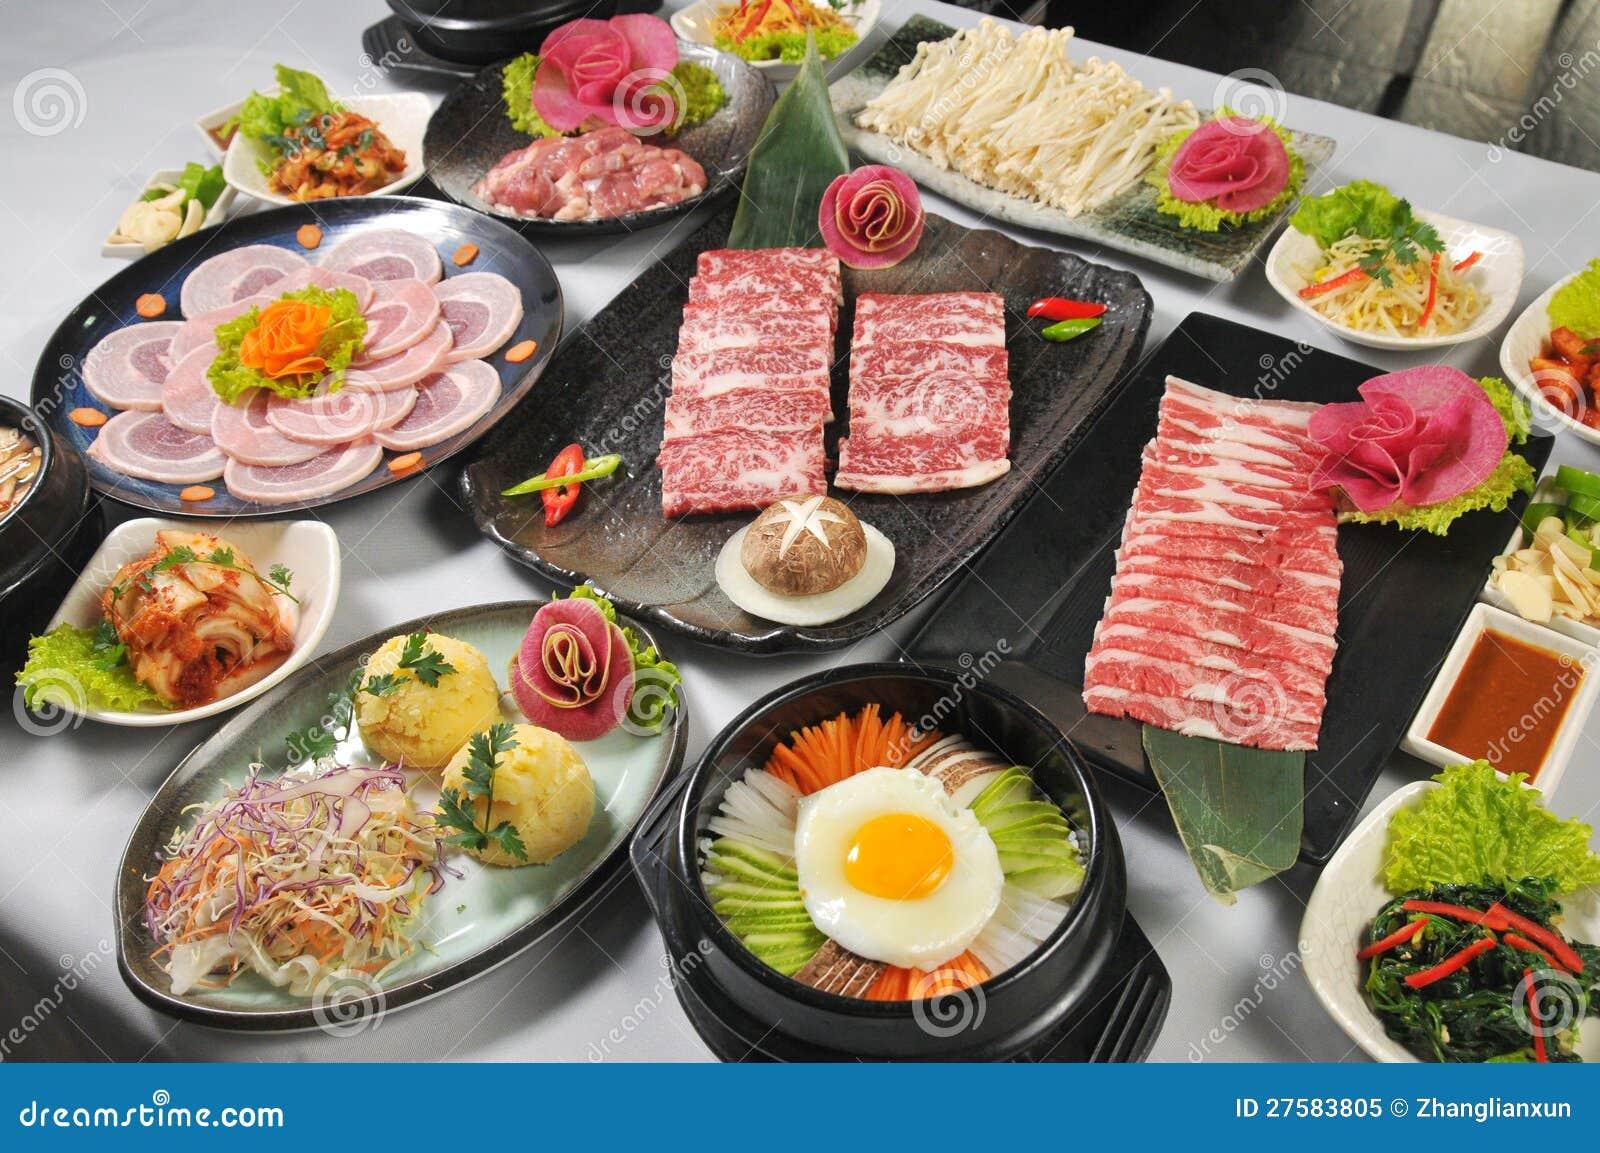 Cuisine cor enne photo libre de droits image 27583805 for Cuisine coreenne